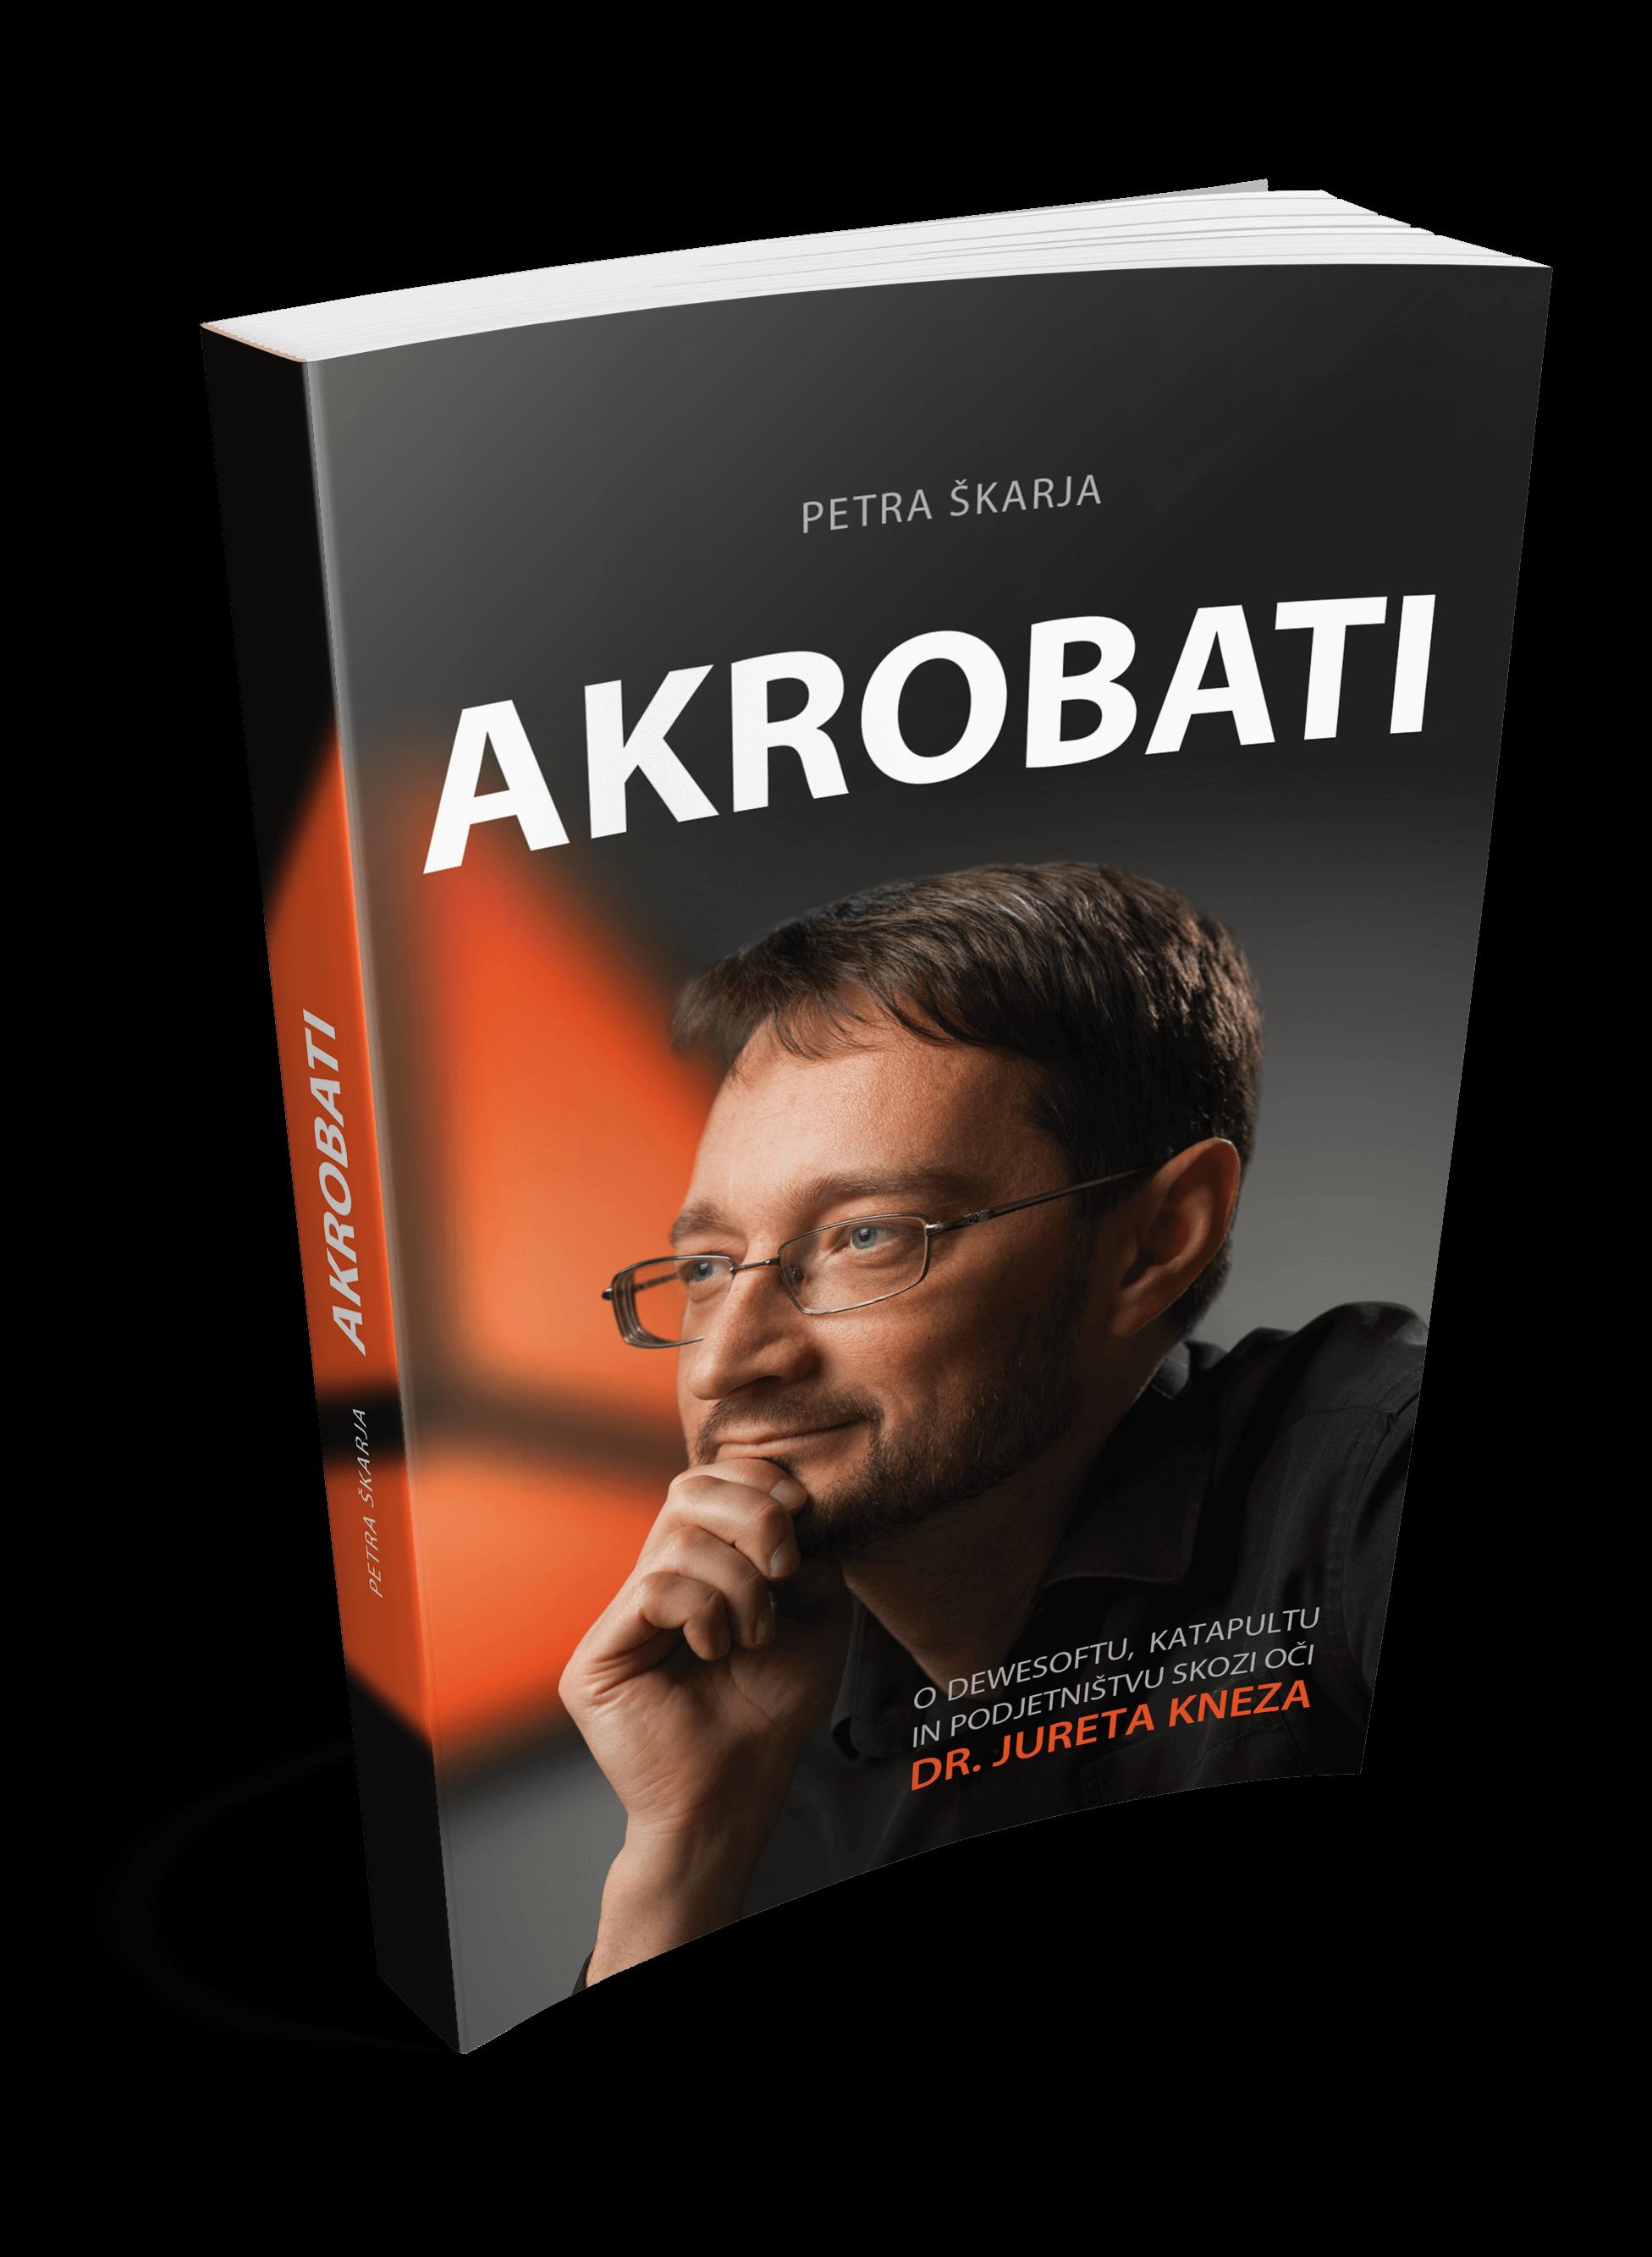 dr Jure Knez, knjiga Akrobati